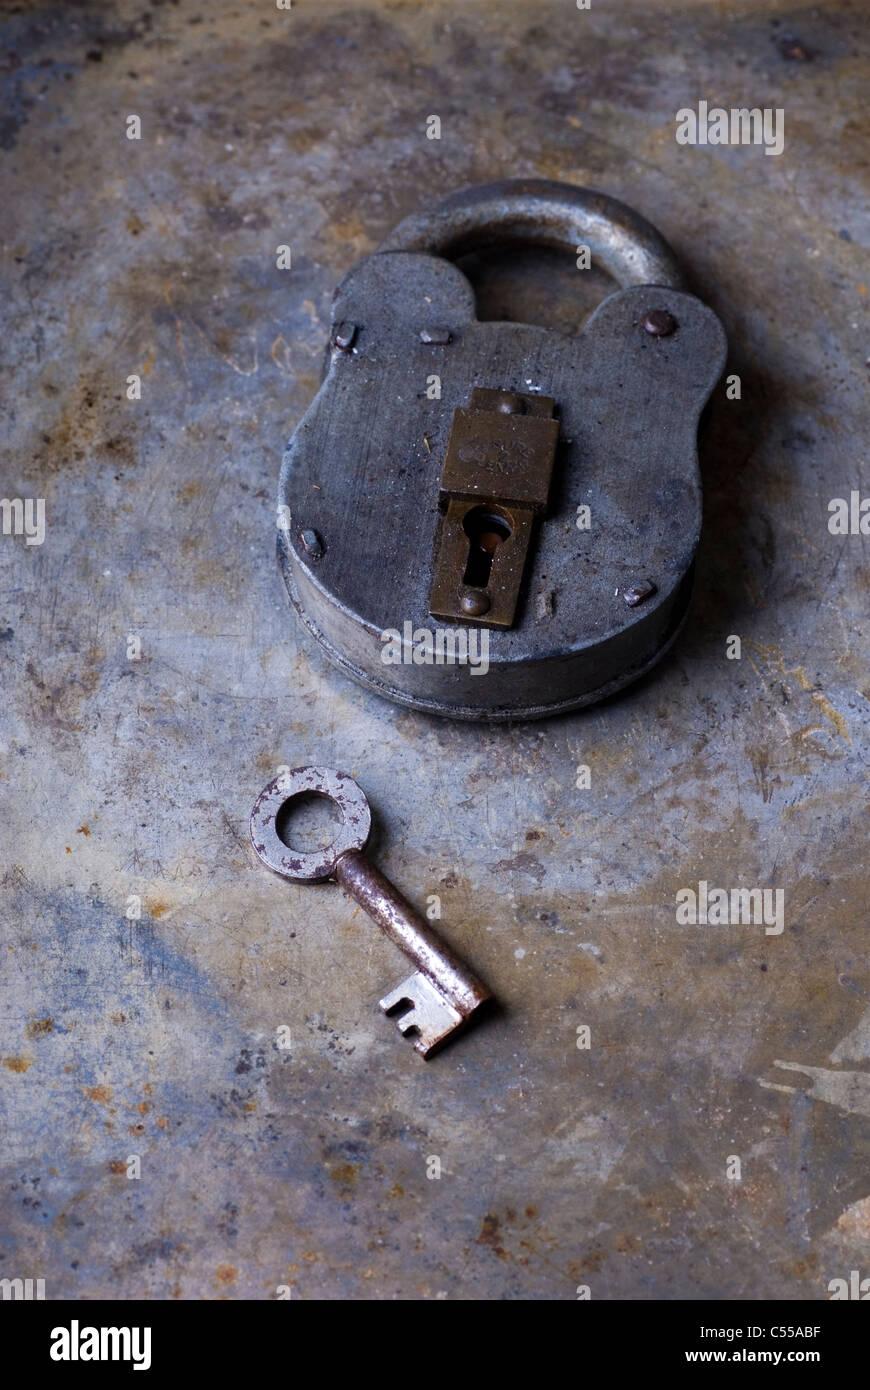 Candado antiguo con una llave Foto de stock